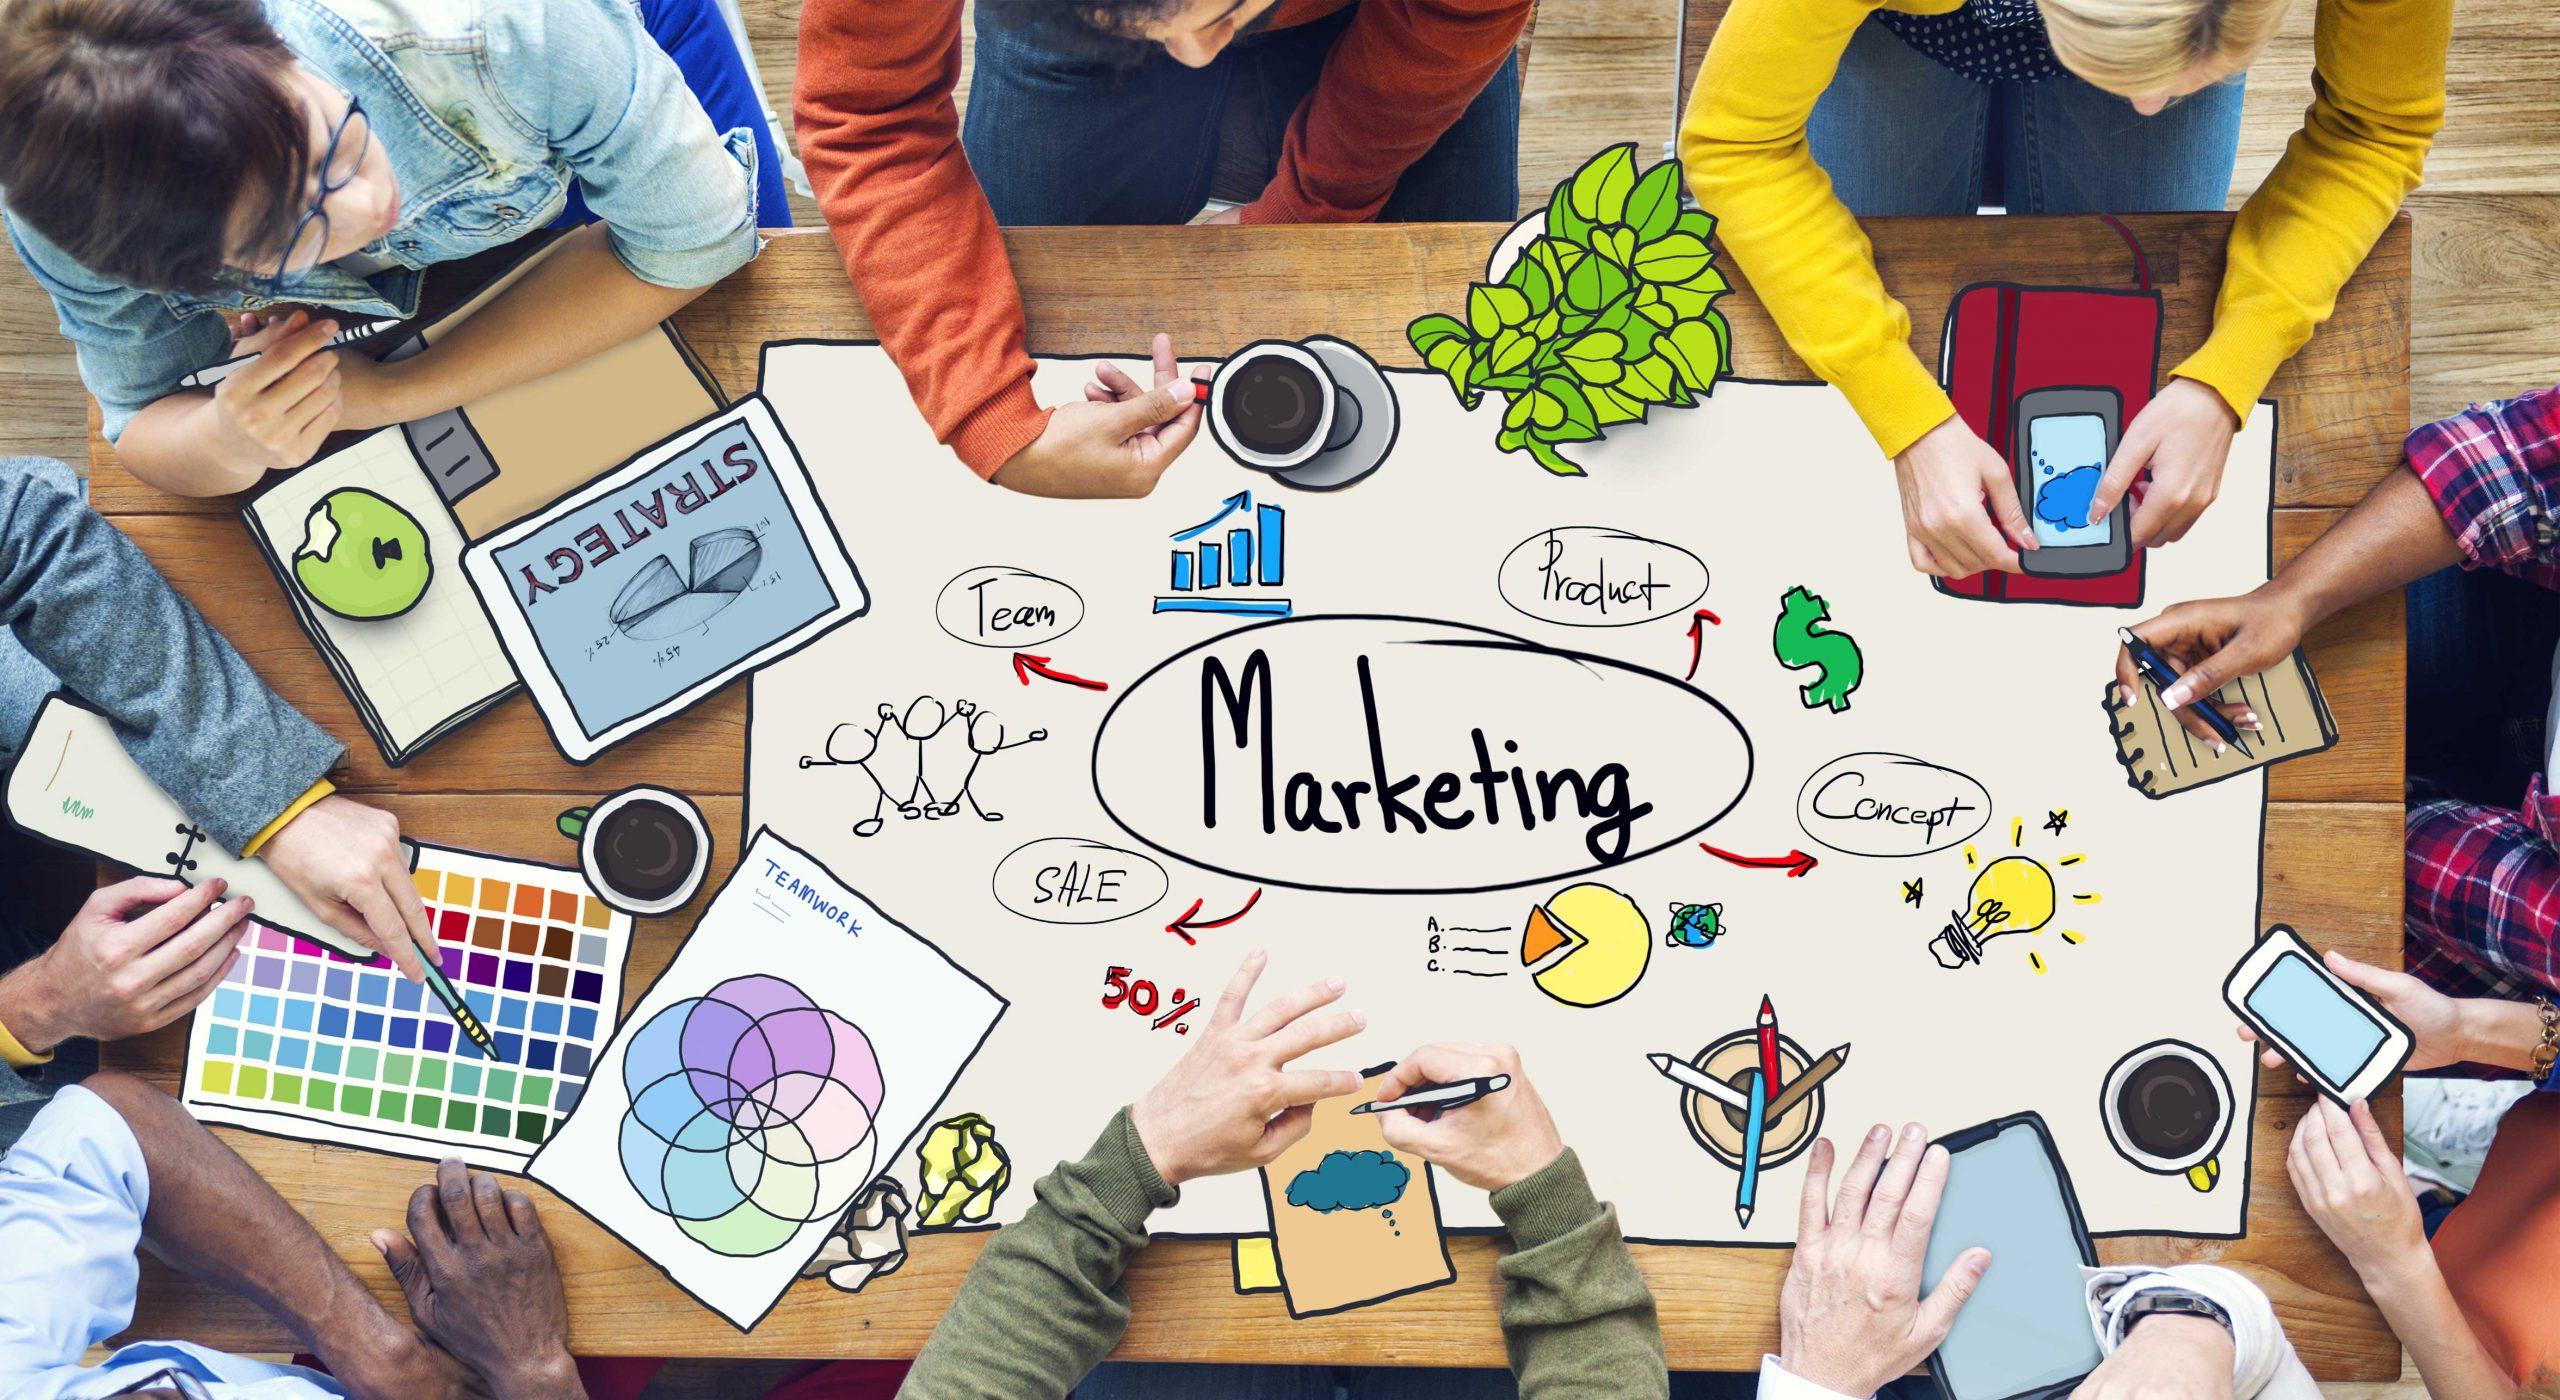 Chuyên viên Marketing là gì? Nội dung bản mô tả công việc chuyên viên Marketing